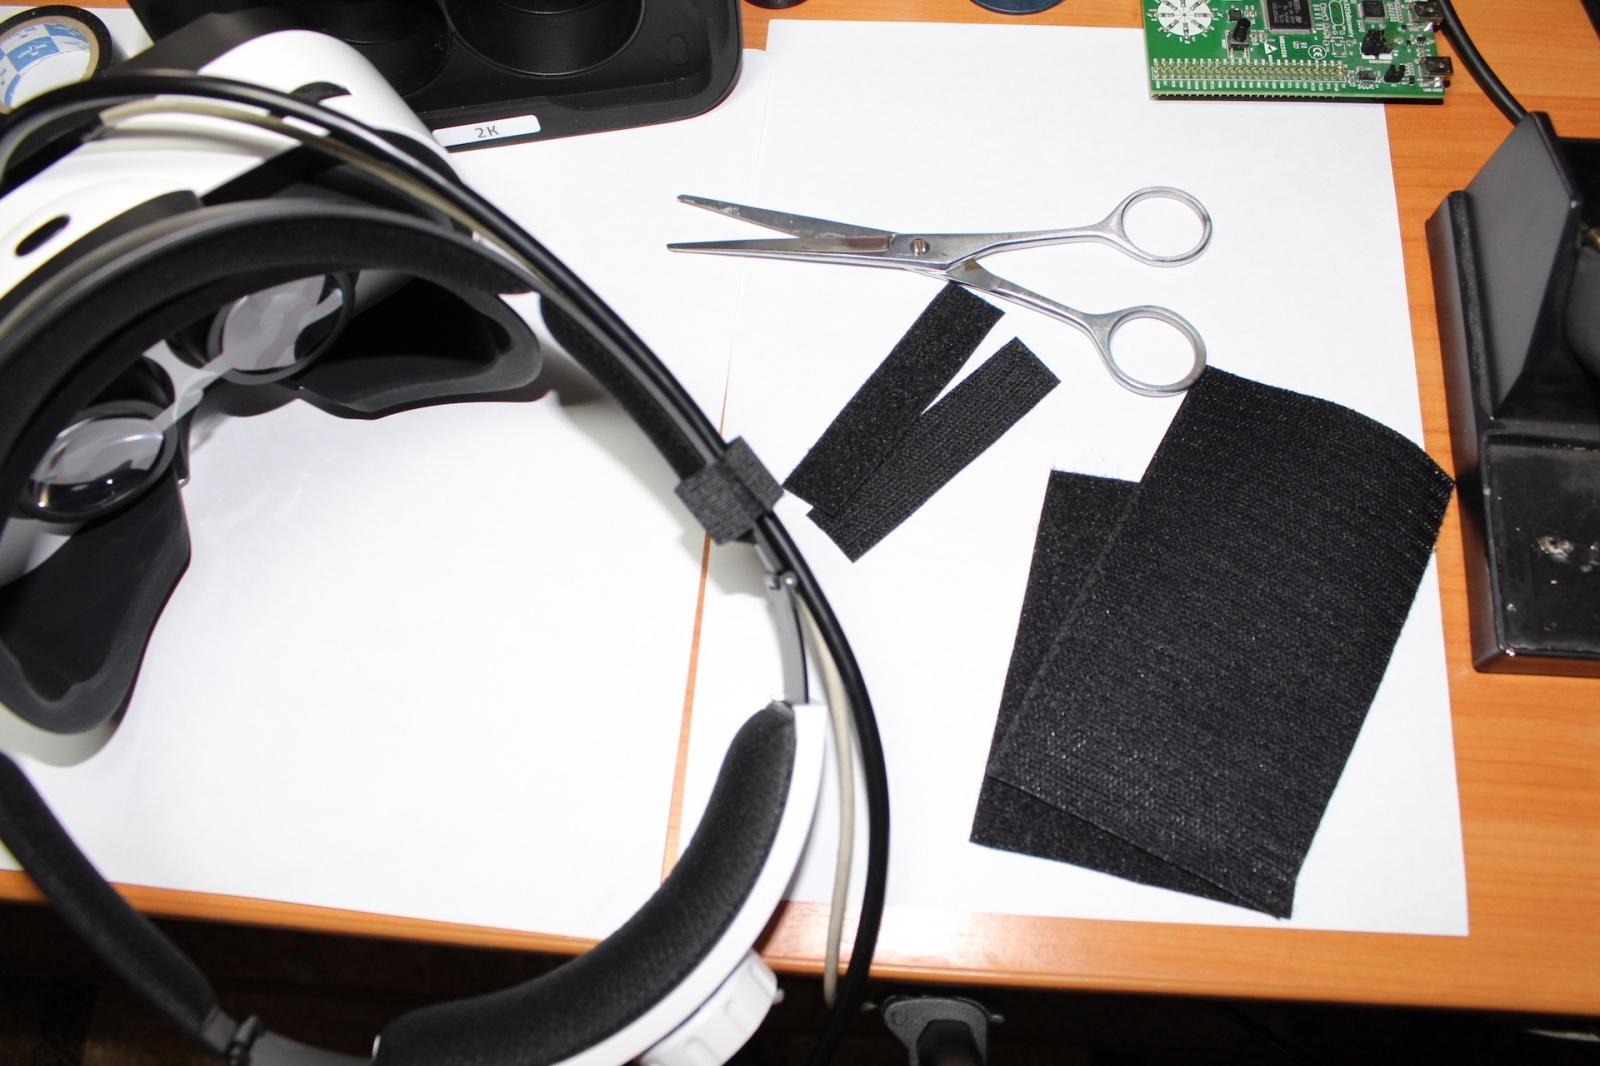 Как сделать шлем виртуальной реальности своими руками - 12